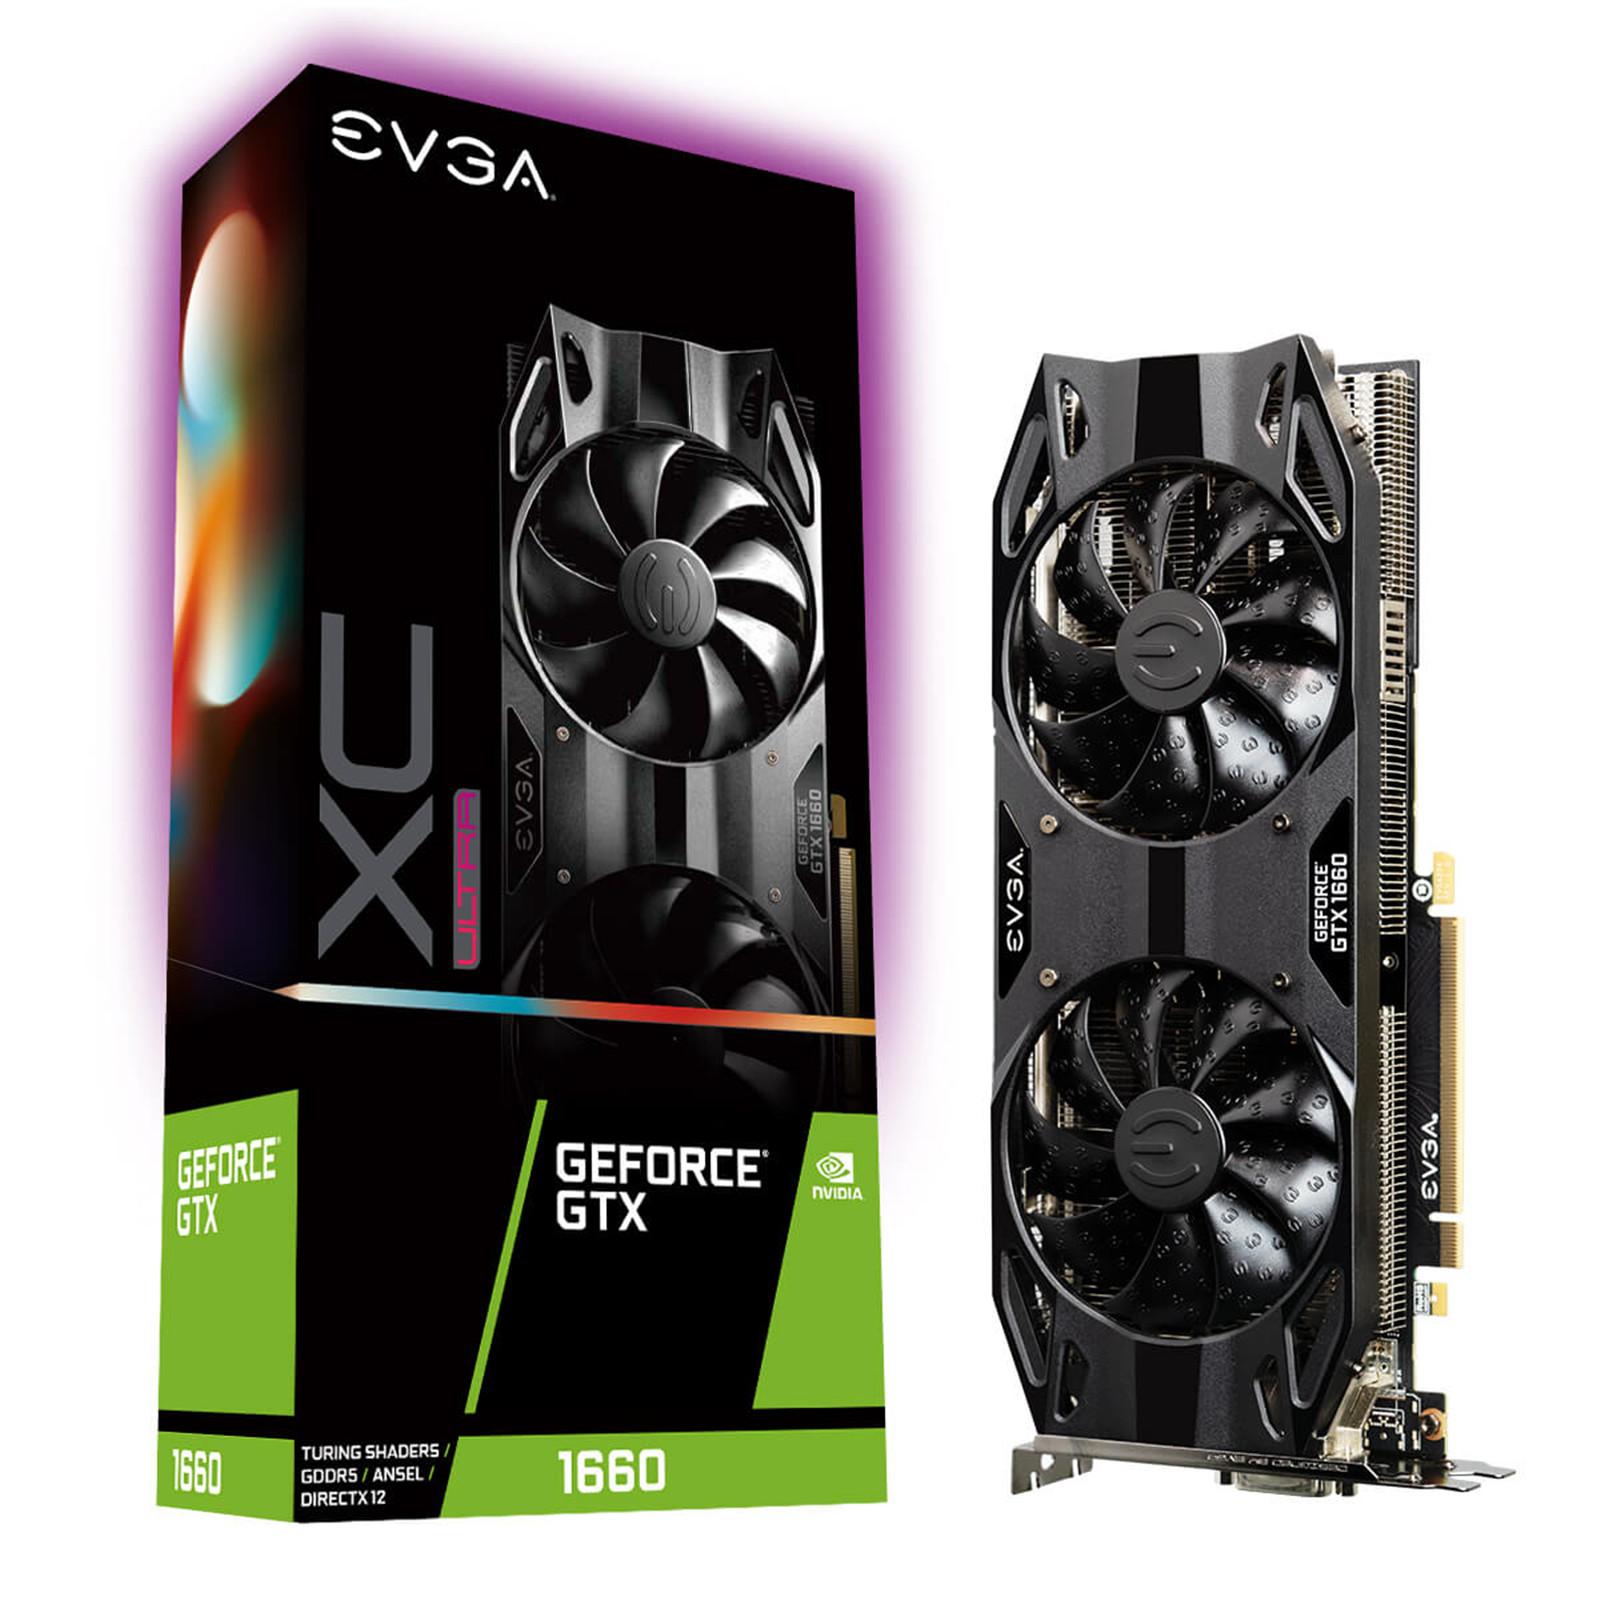 Buy the EVGA GeForce GTX 1660 XC Ultra Gaming 6GB GDDR5